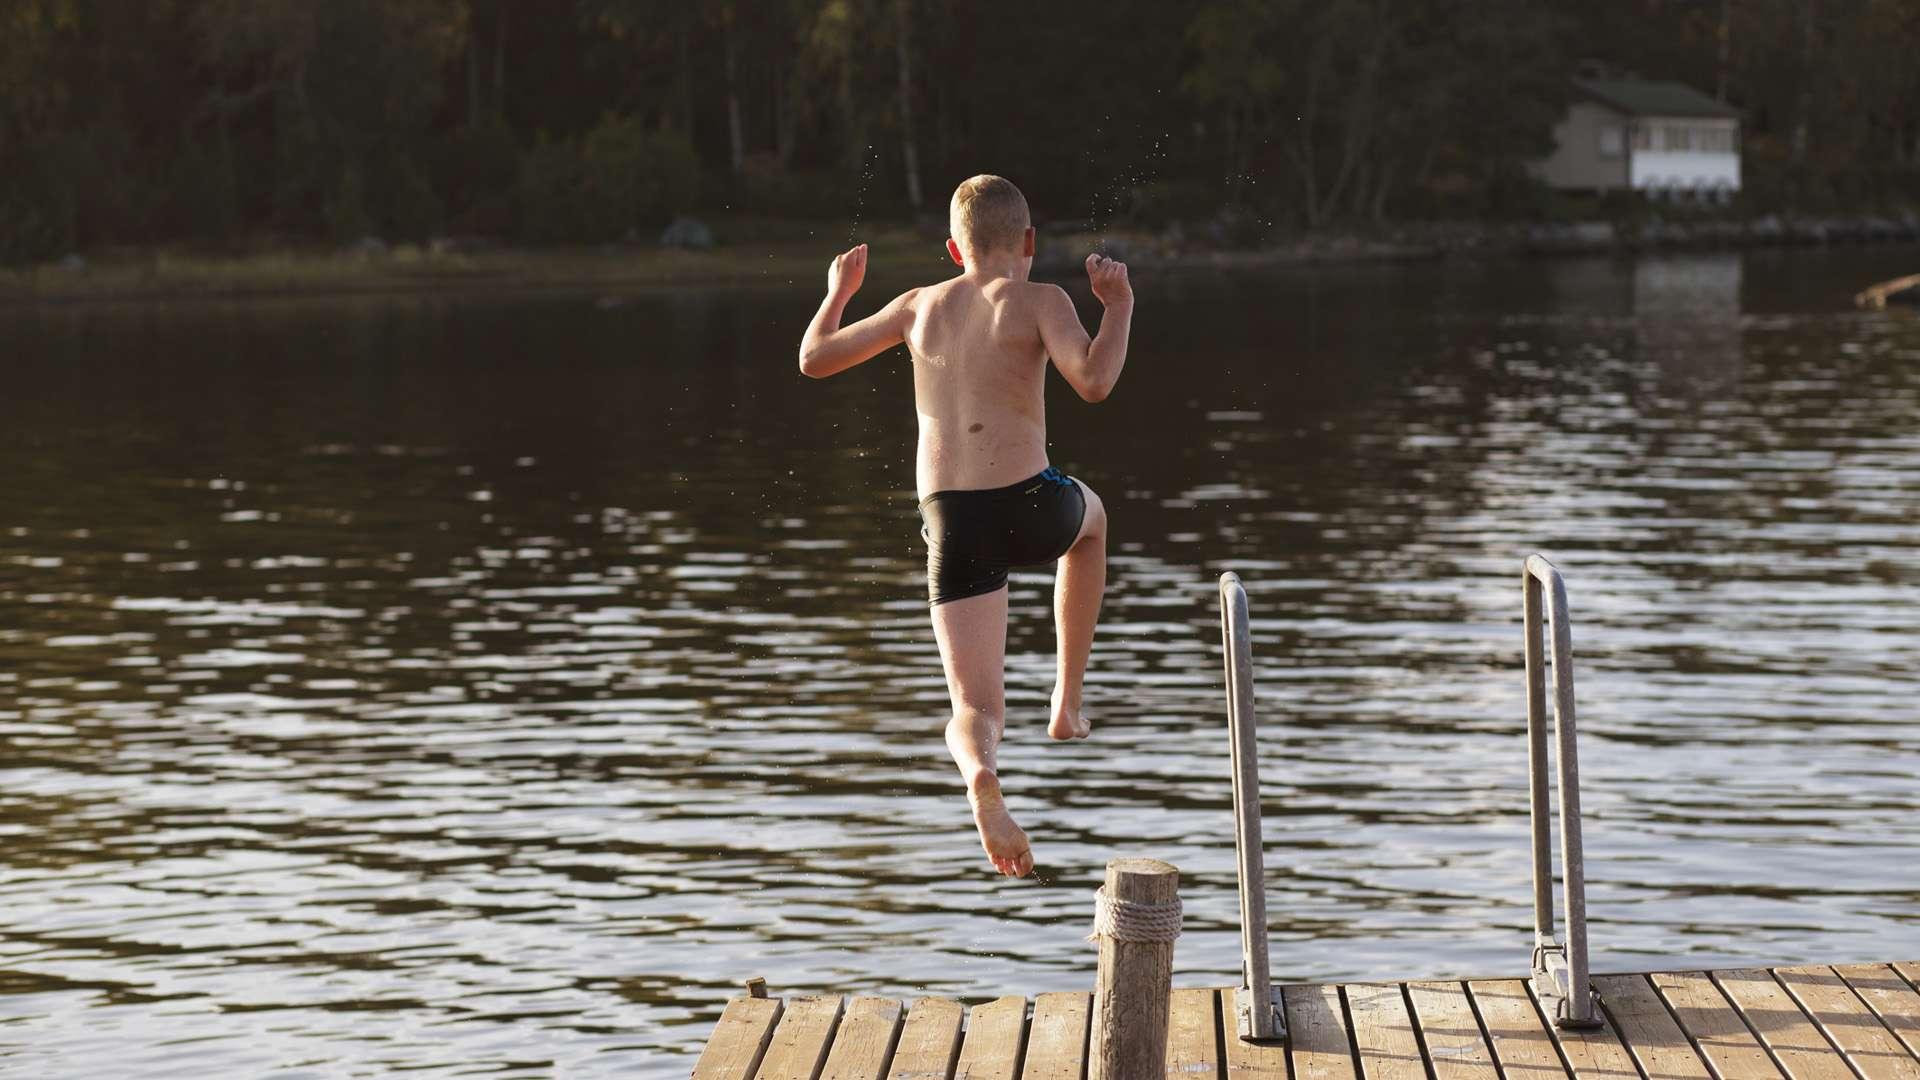 Pojken hoppar i vattnet